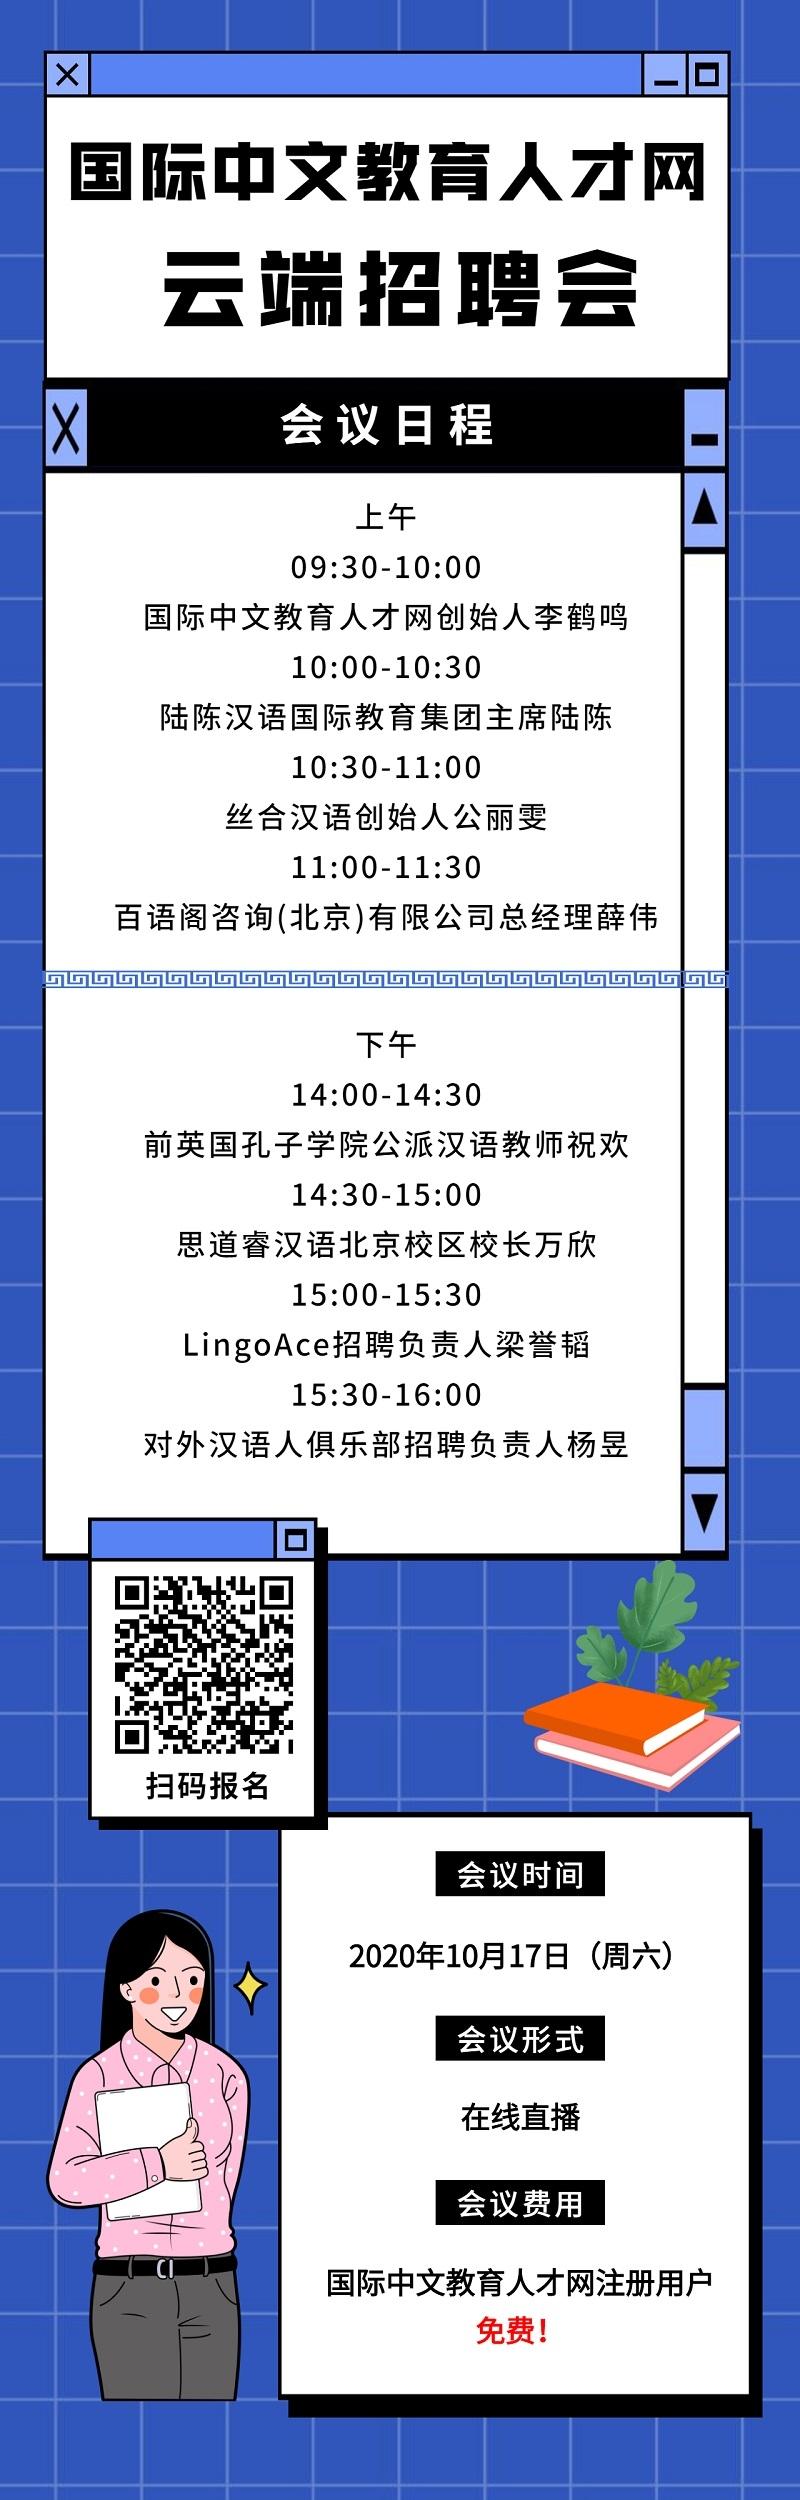 【20201017】首届国际中文教育人才网云端招聘会会议议程